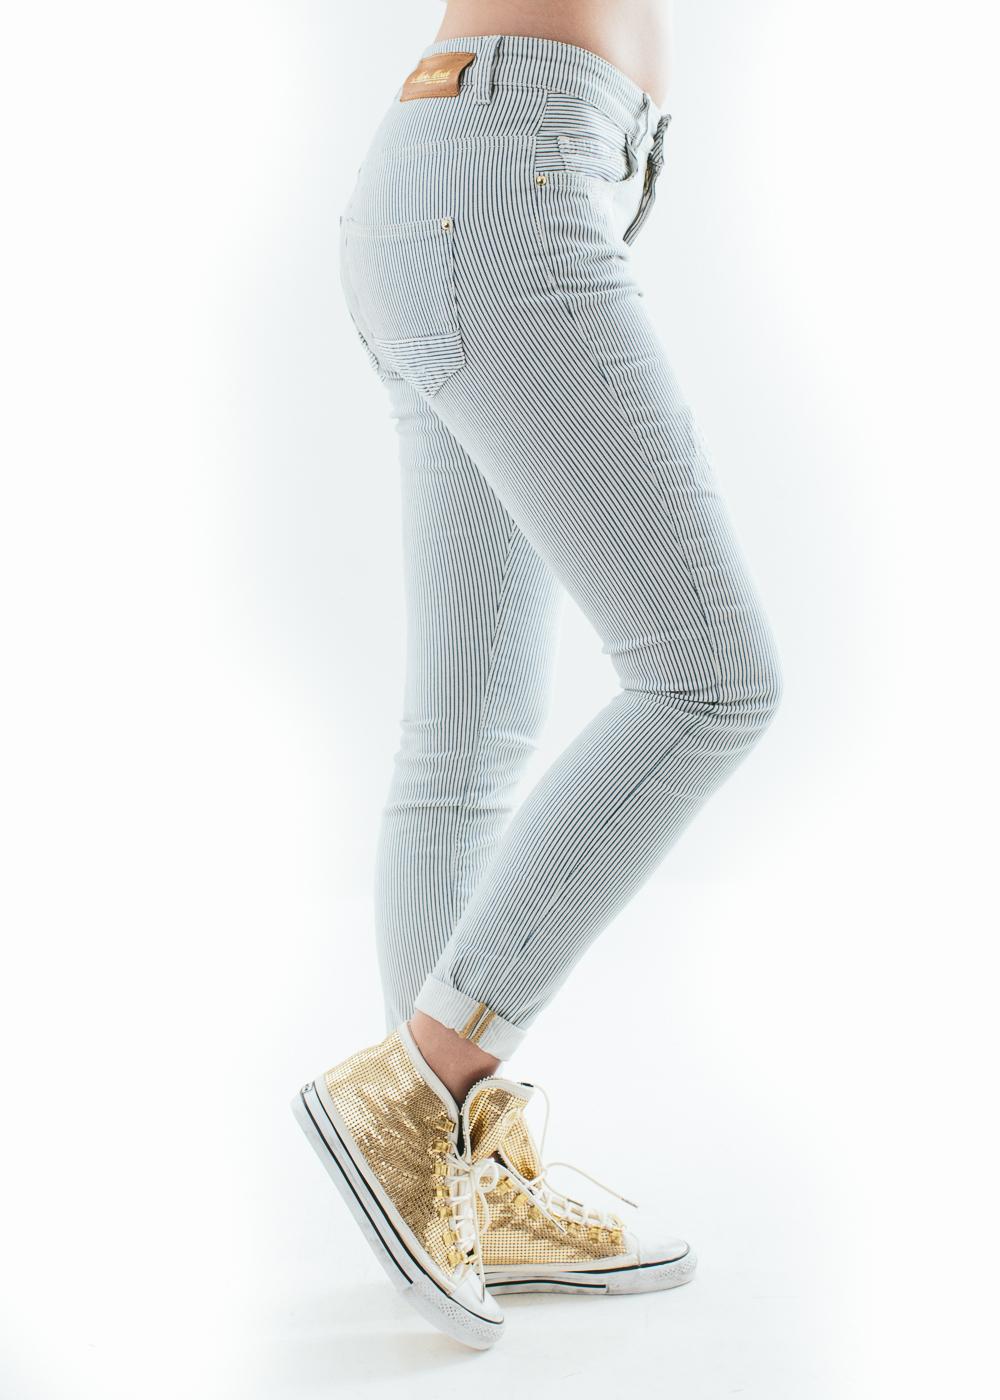 blauw wit gestreepte broek dames